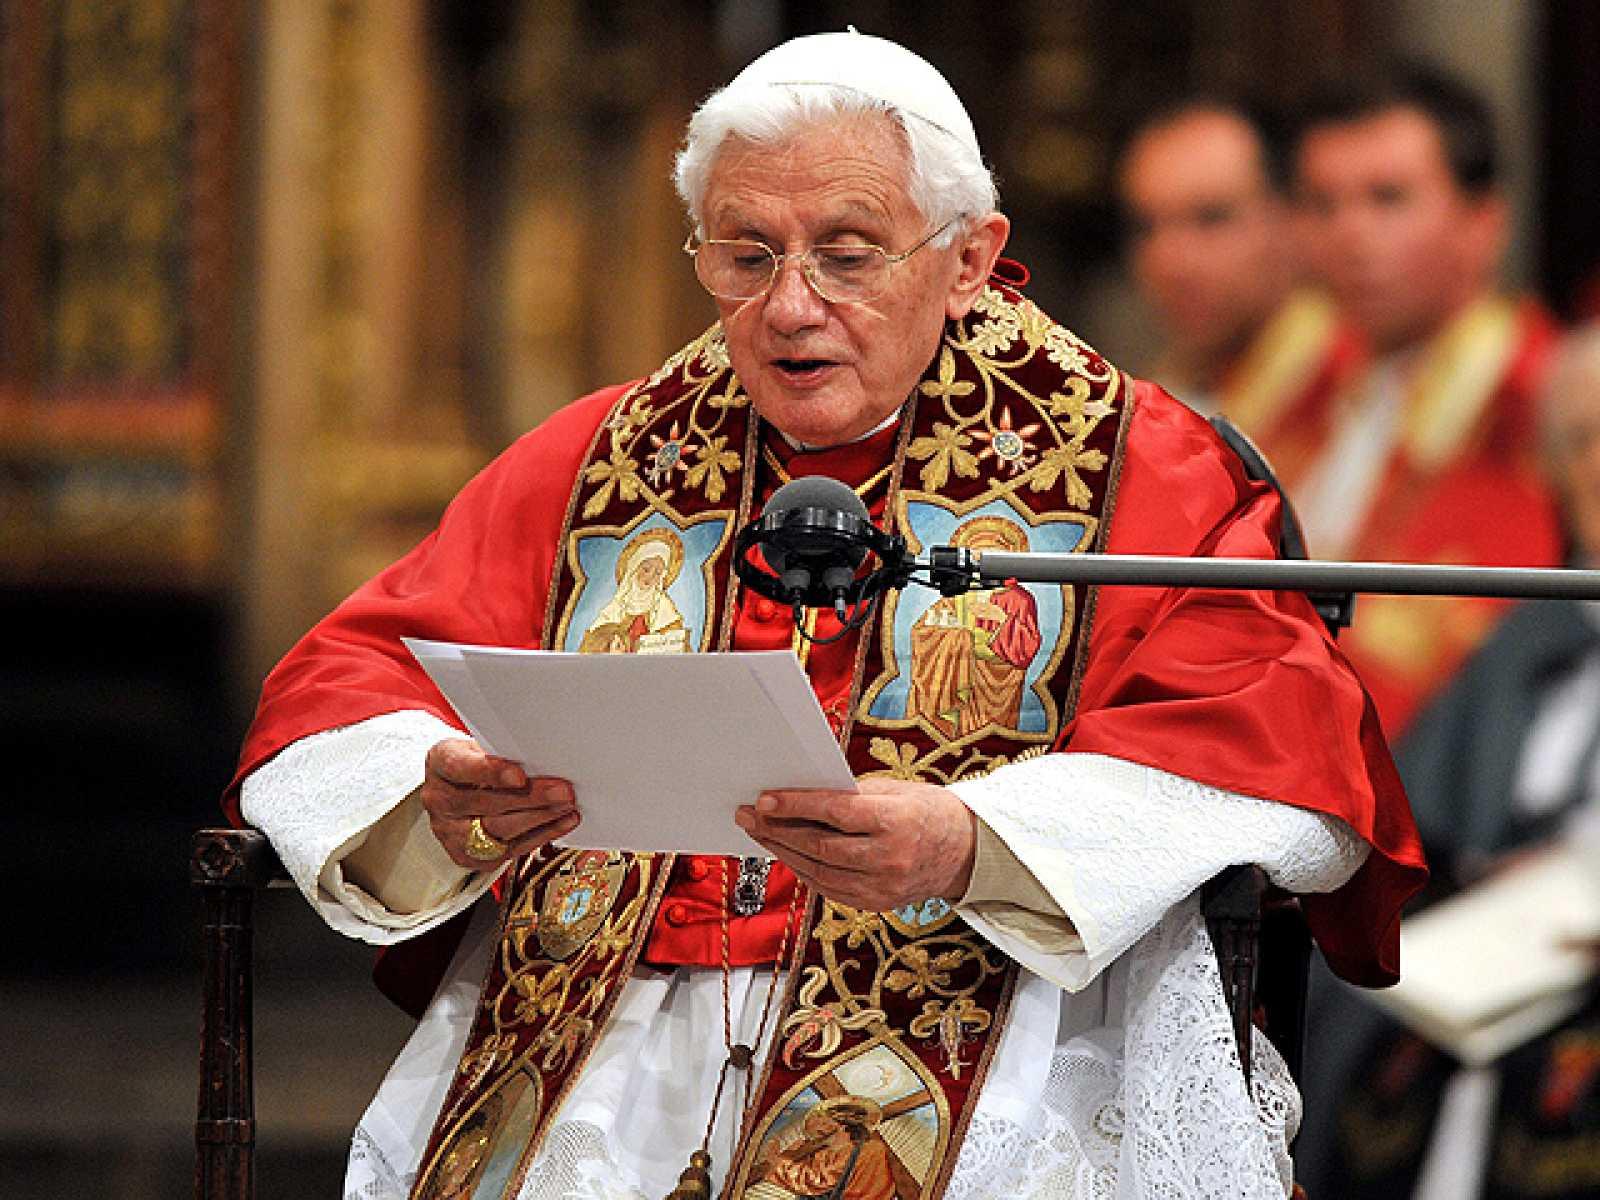 El Papa pide la unidad de los cristianos en el segundo día de su visita al Reino Unido